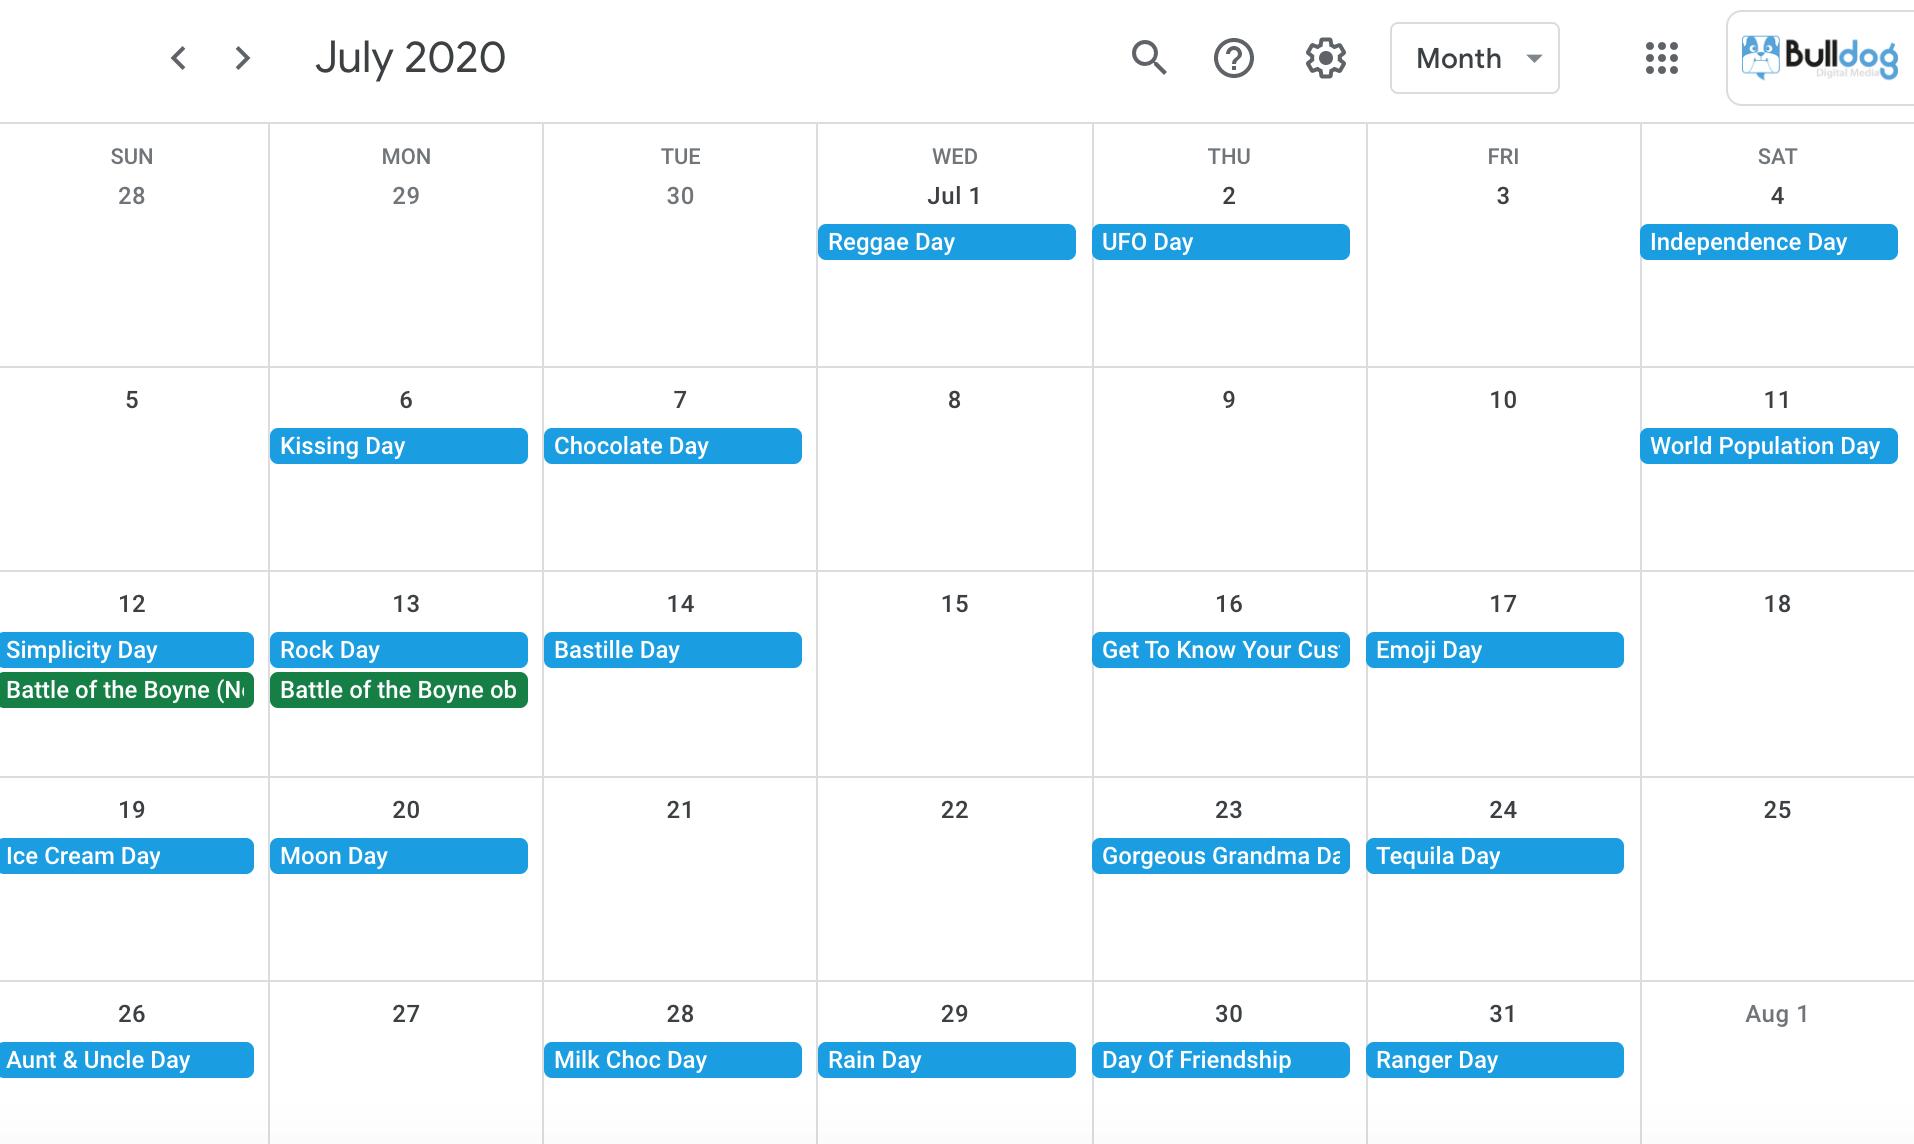 July 2020 social media holidays calendar